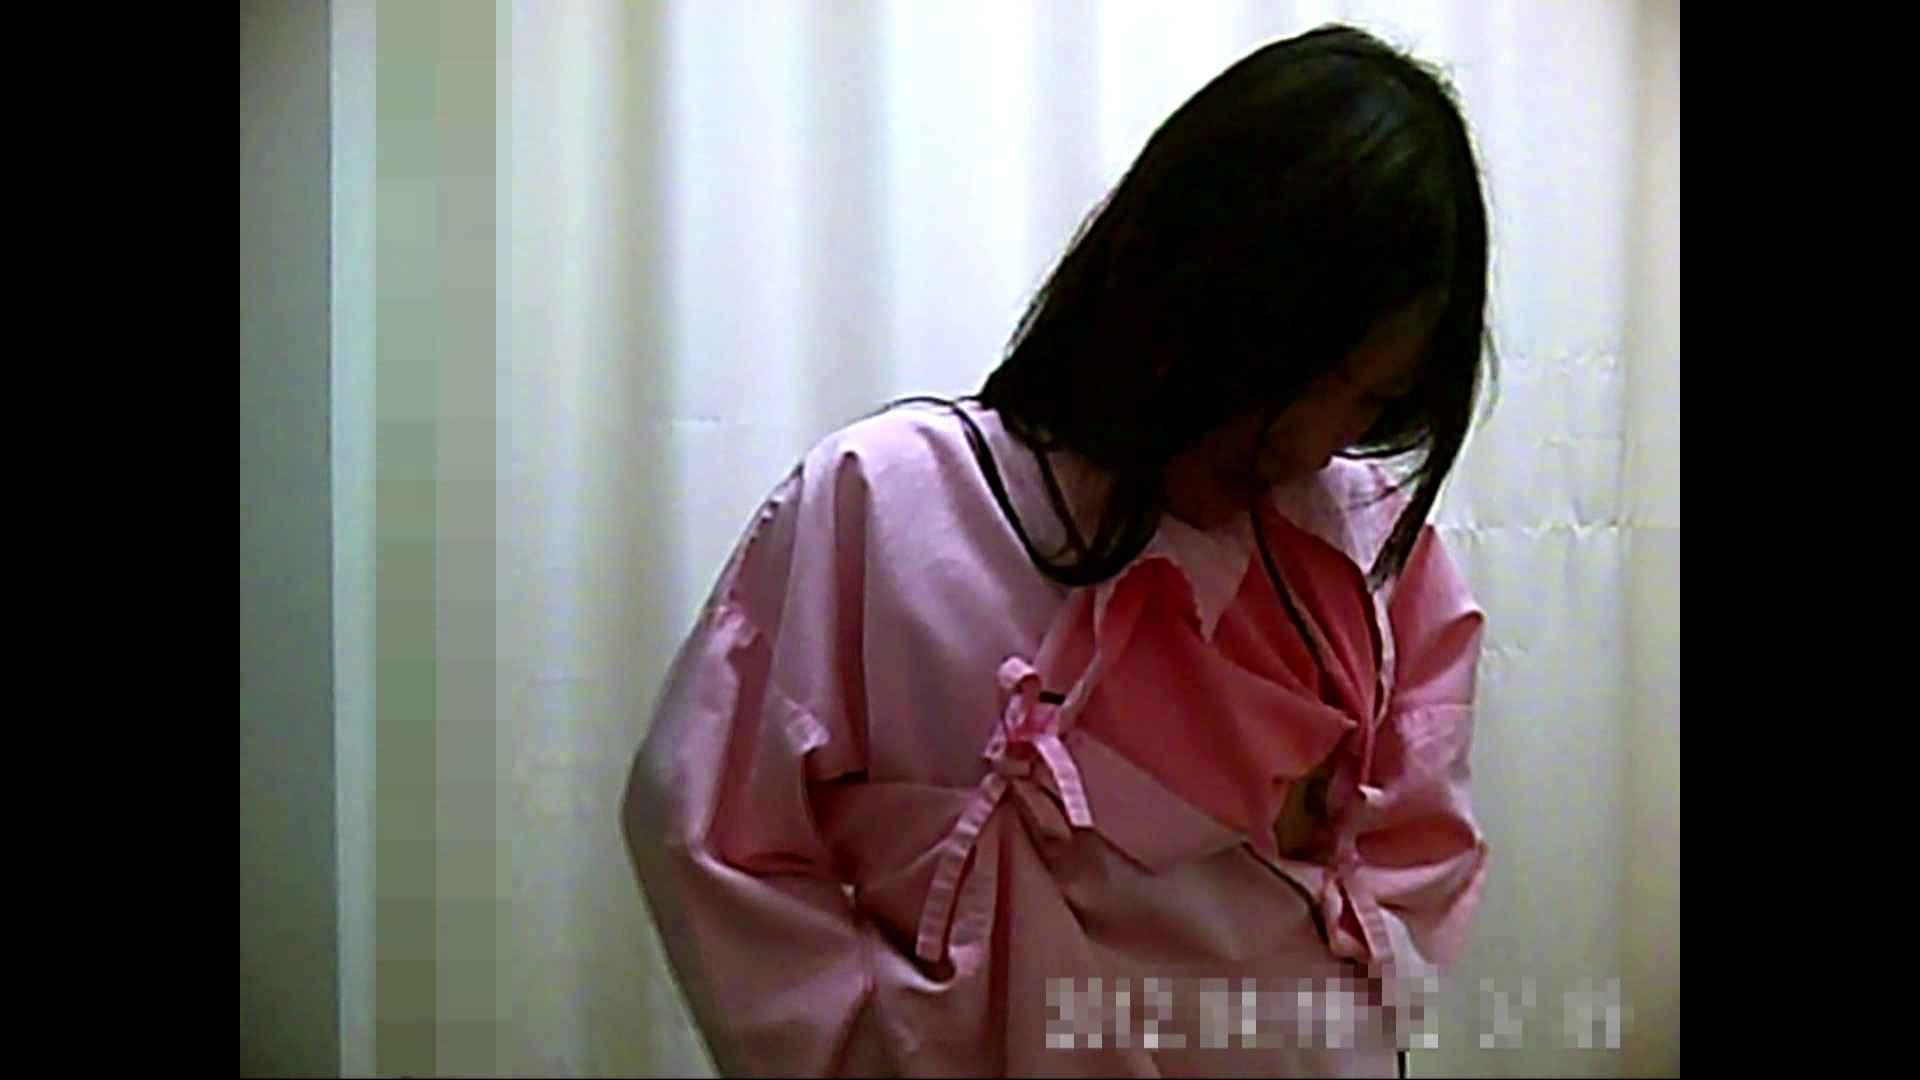 元医者による反抗 更衣室地獄絵巻 vol.015 お姉さんのSEX セックス画像 99枚 17